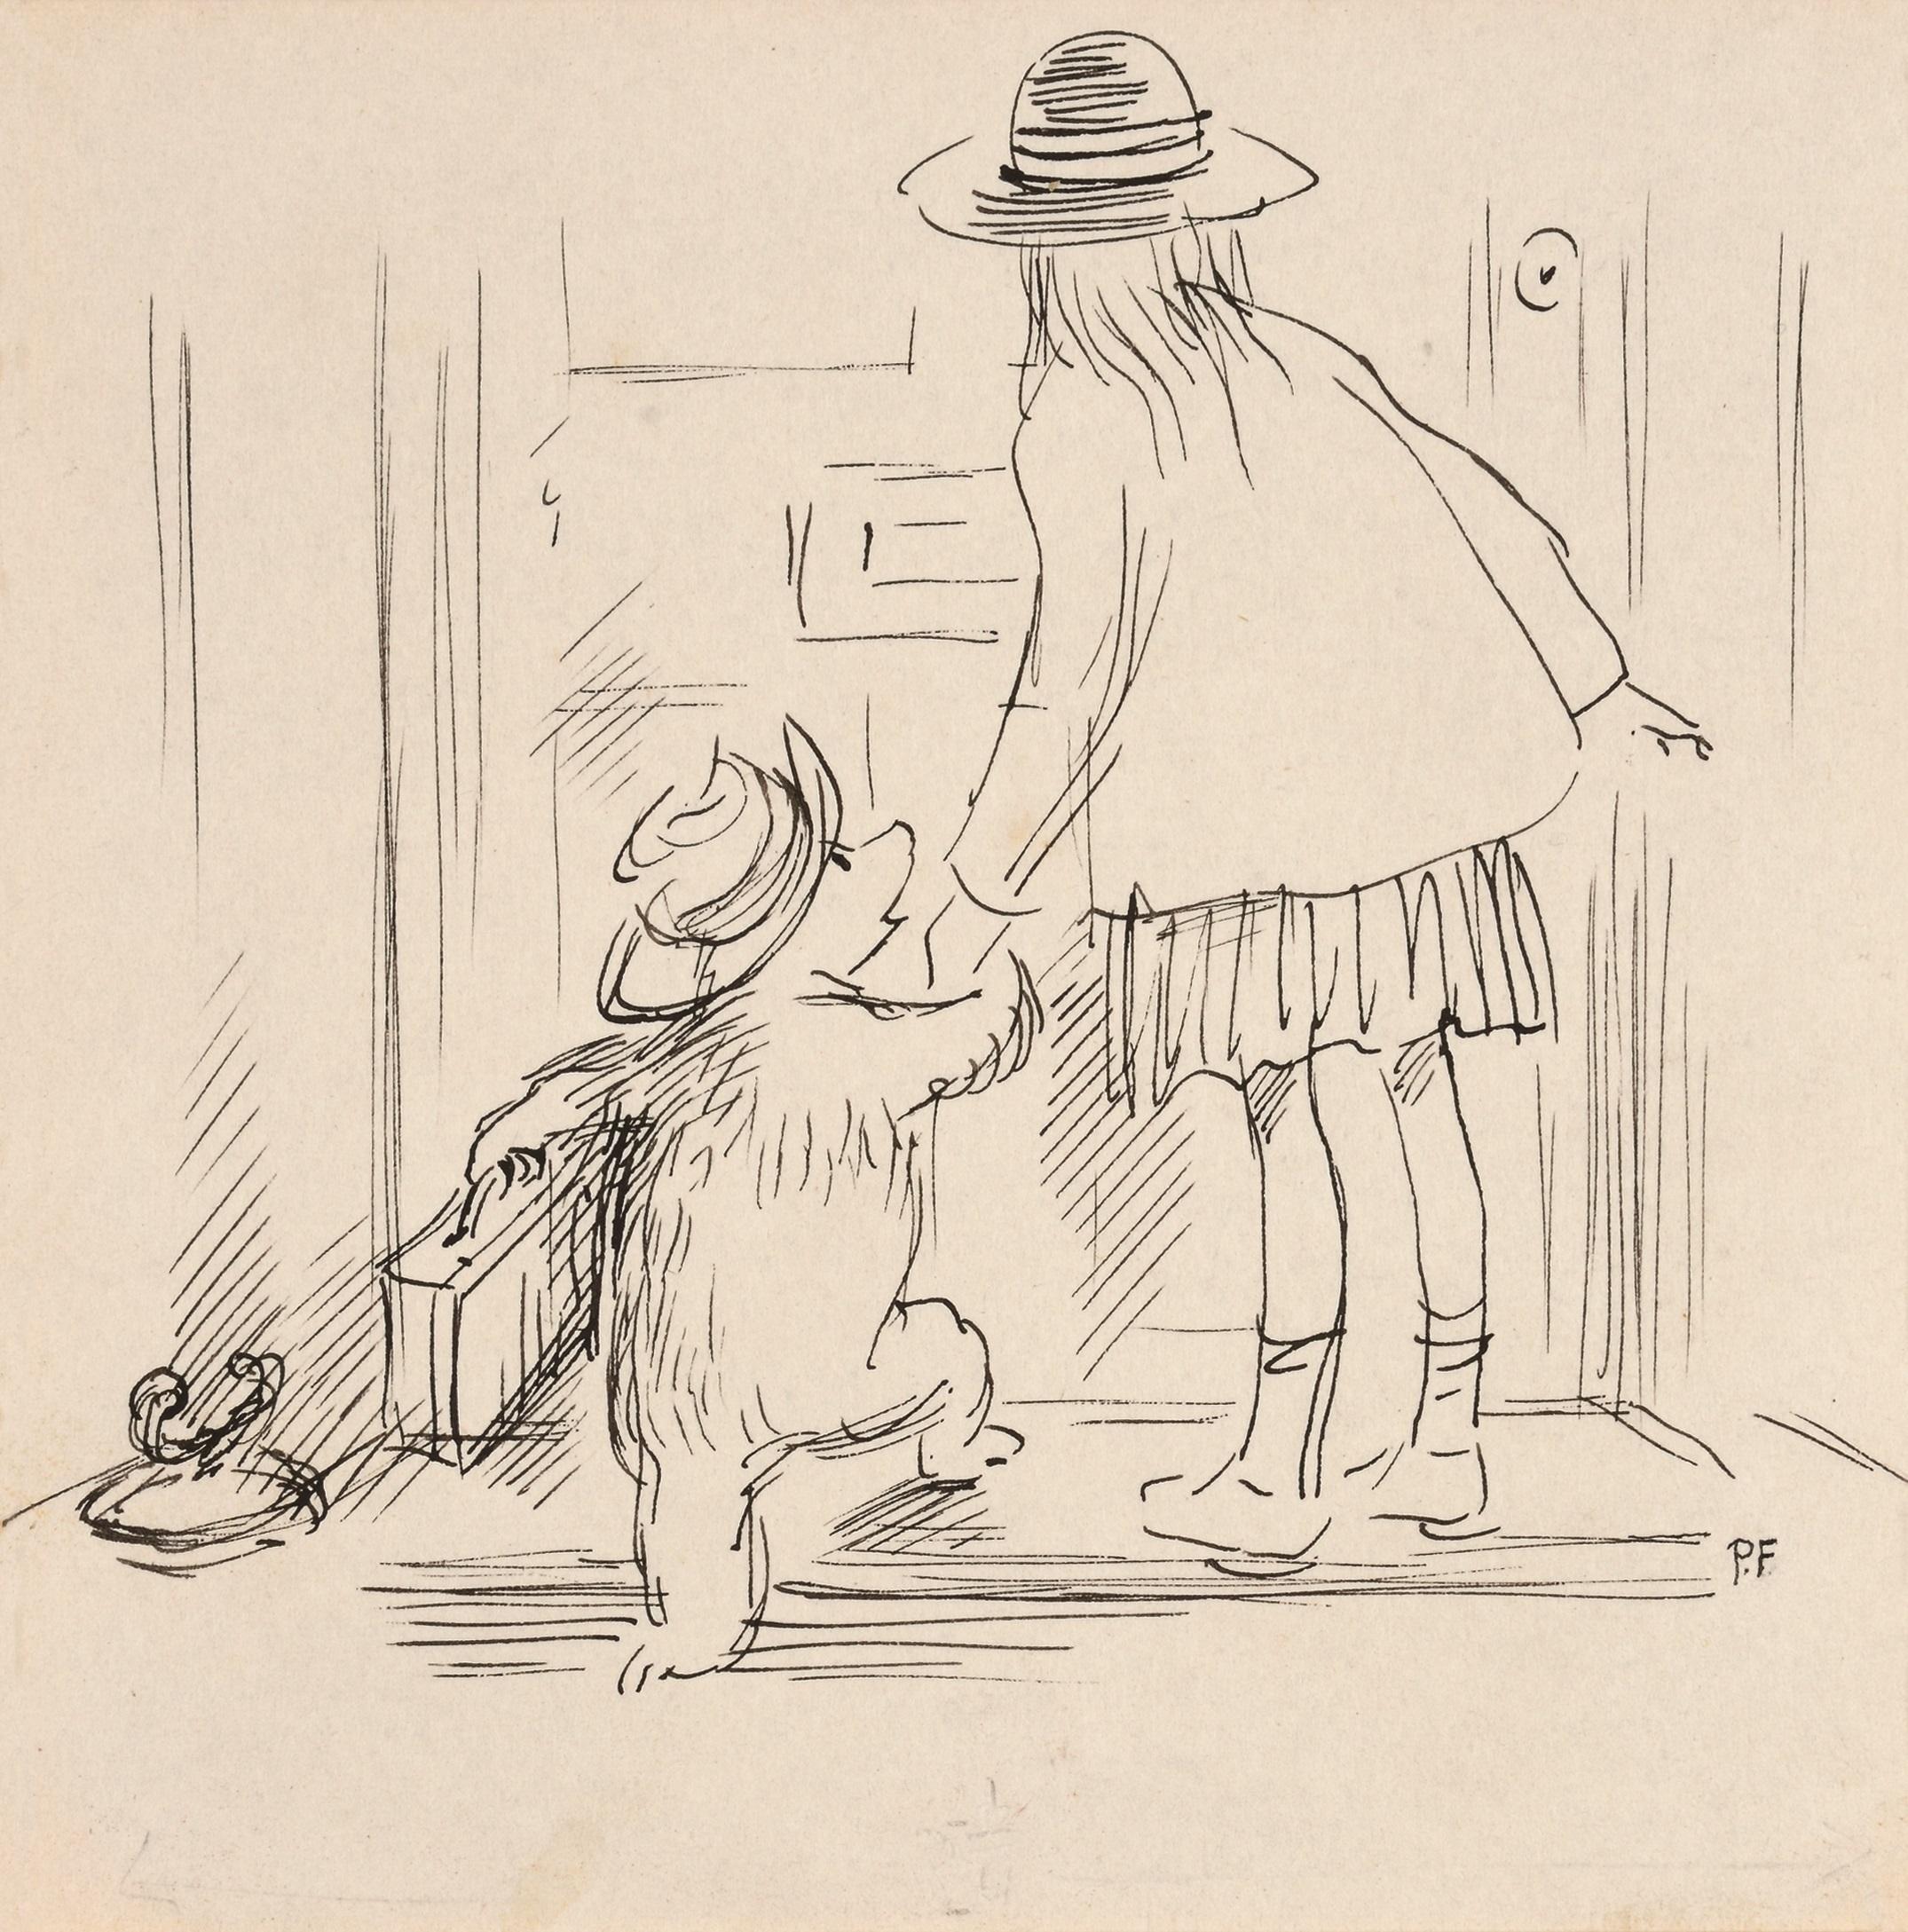 ペギー・フォートナム画 『くまのパディントン』の挿絵原画、1958 年  Illustrated by Peggy Fortnum (C) Paddington and Company Ltd 2018